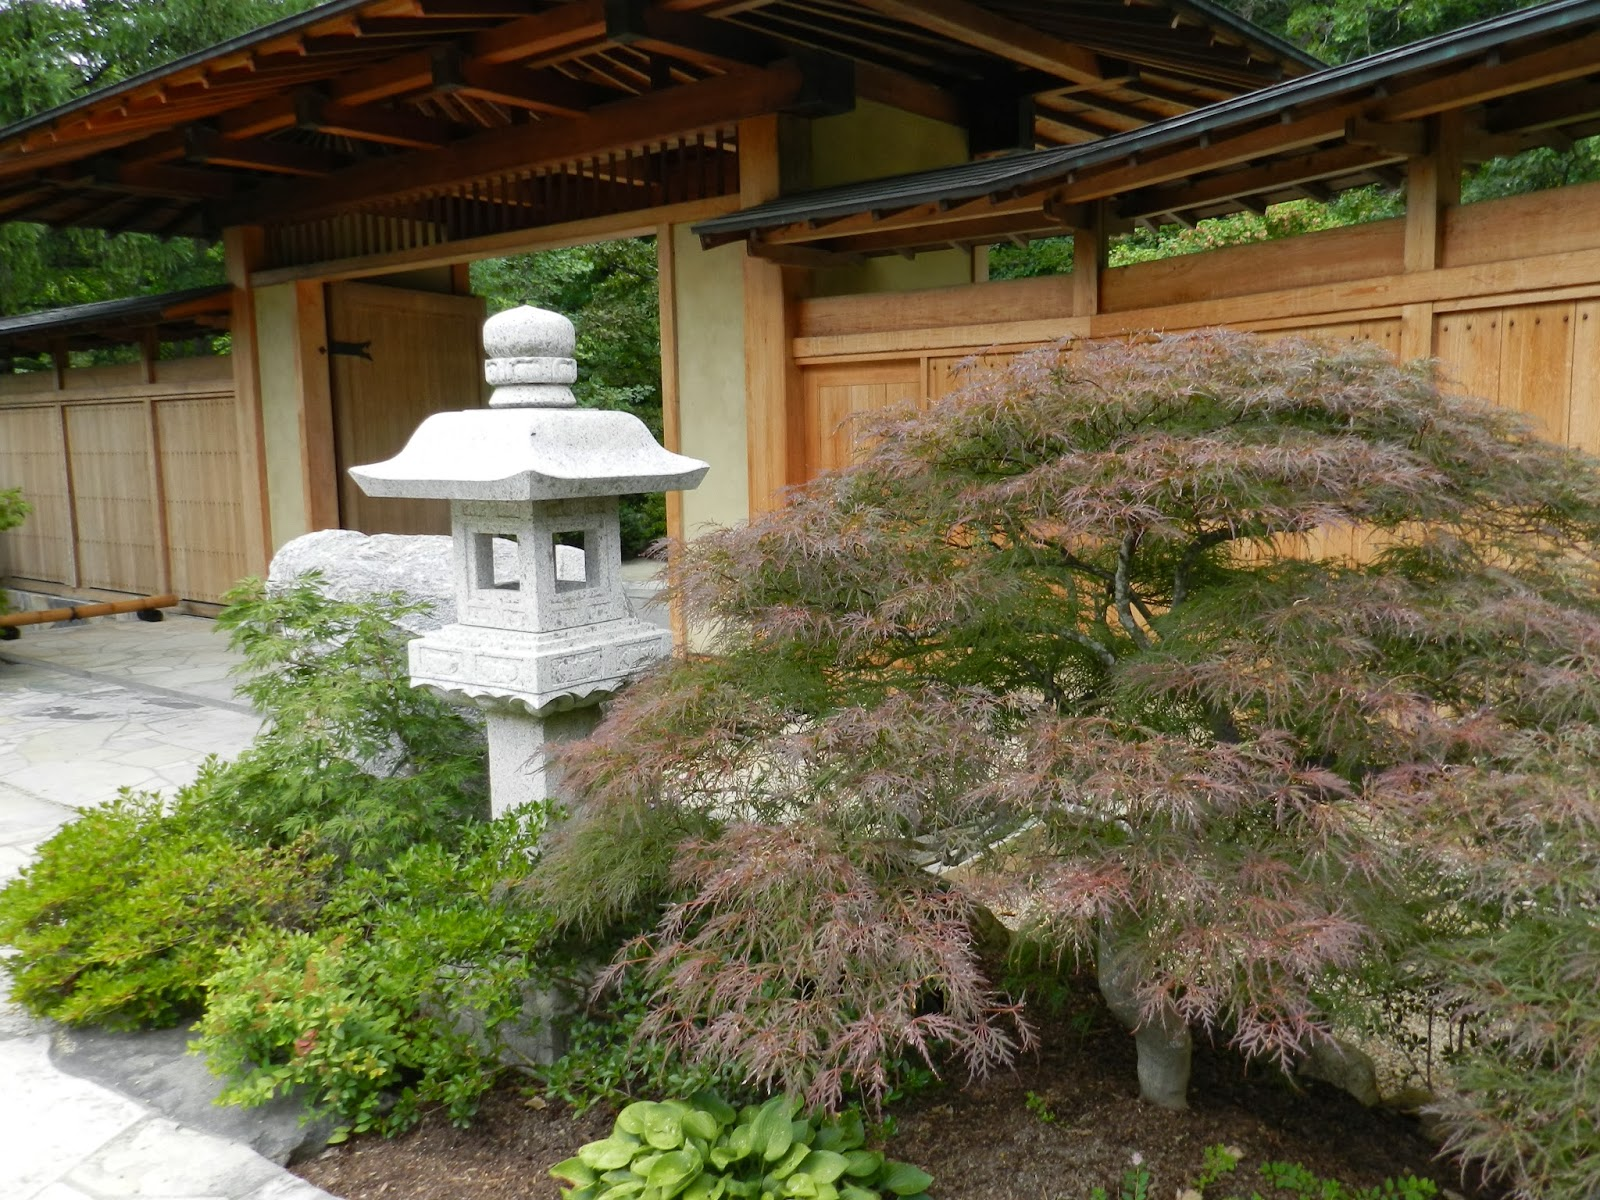 Prairie Rose\'s Garden: The #1 Japanese Garden in the U.S.?